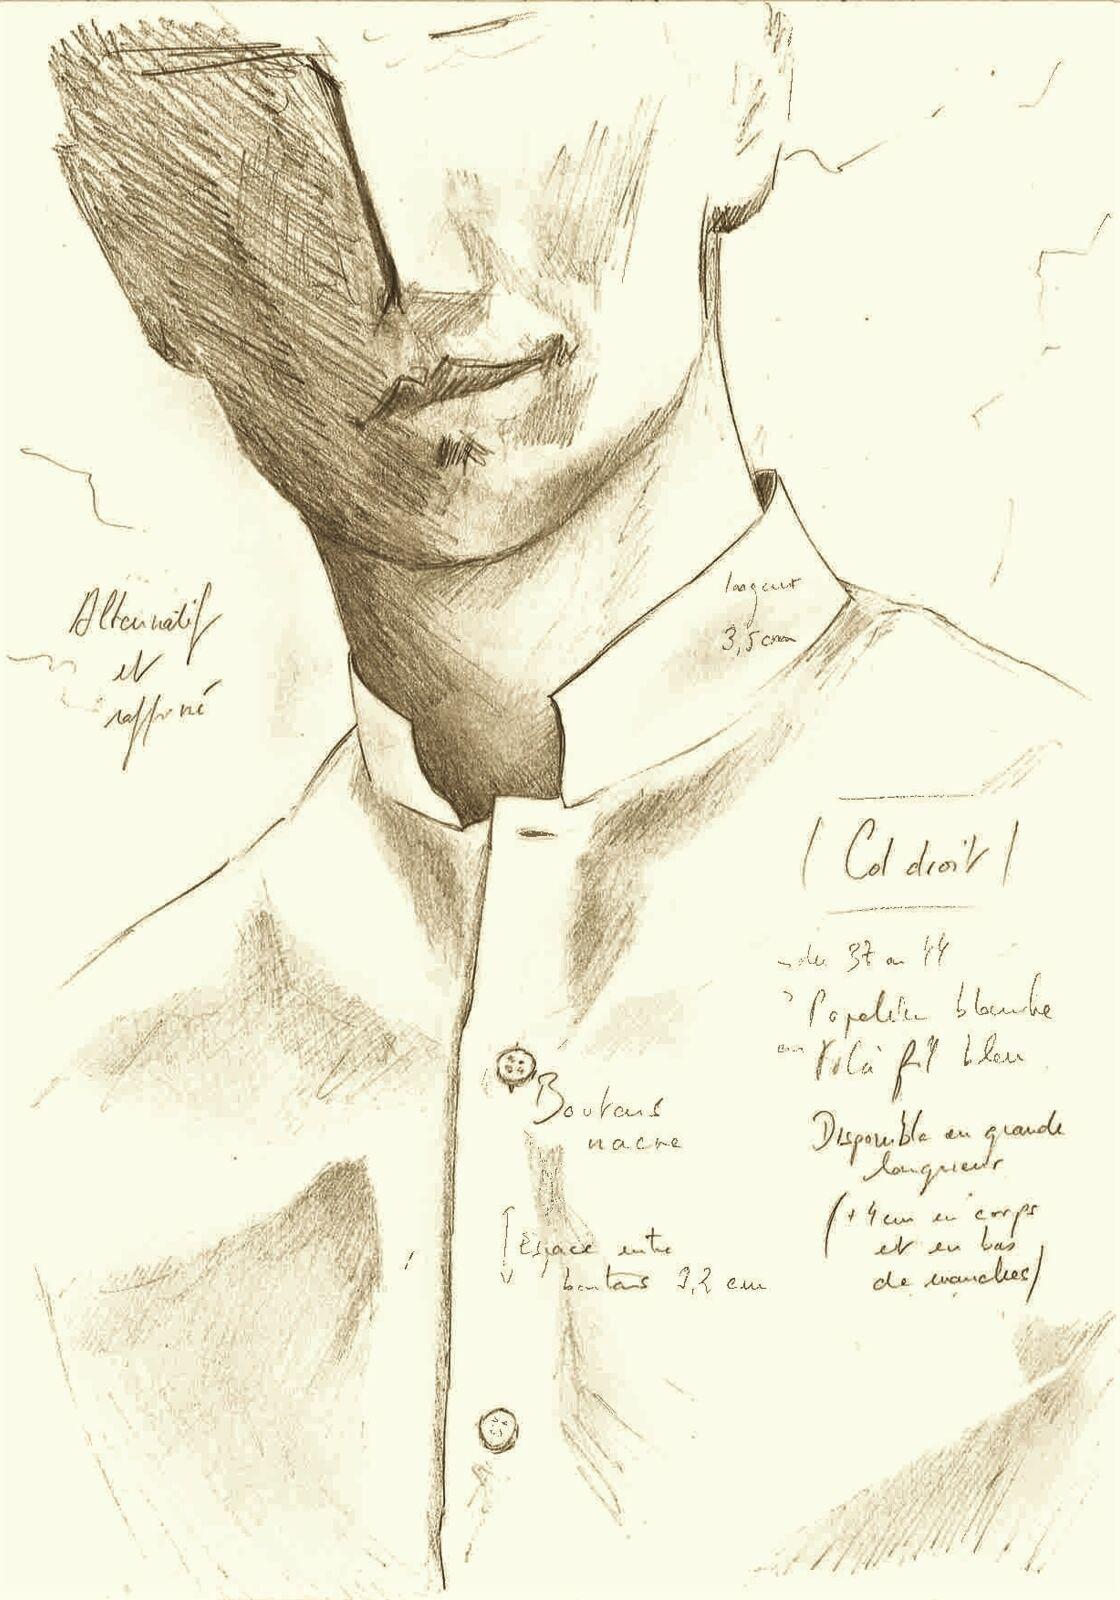 Lancée en 1968, Figaret s'est imposé comme l'expert de la chemise parfaite dont elle maîtrise les cols, la coupe, les finitions, le nombre de points au centimètre…